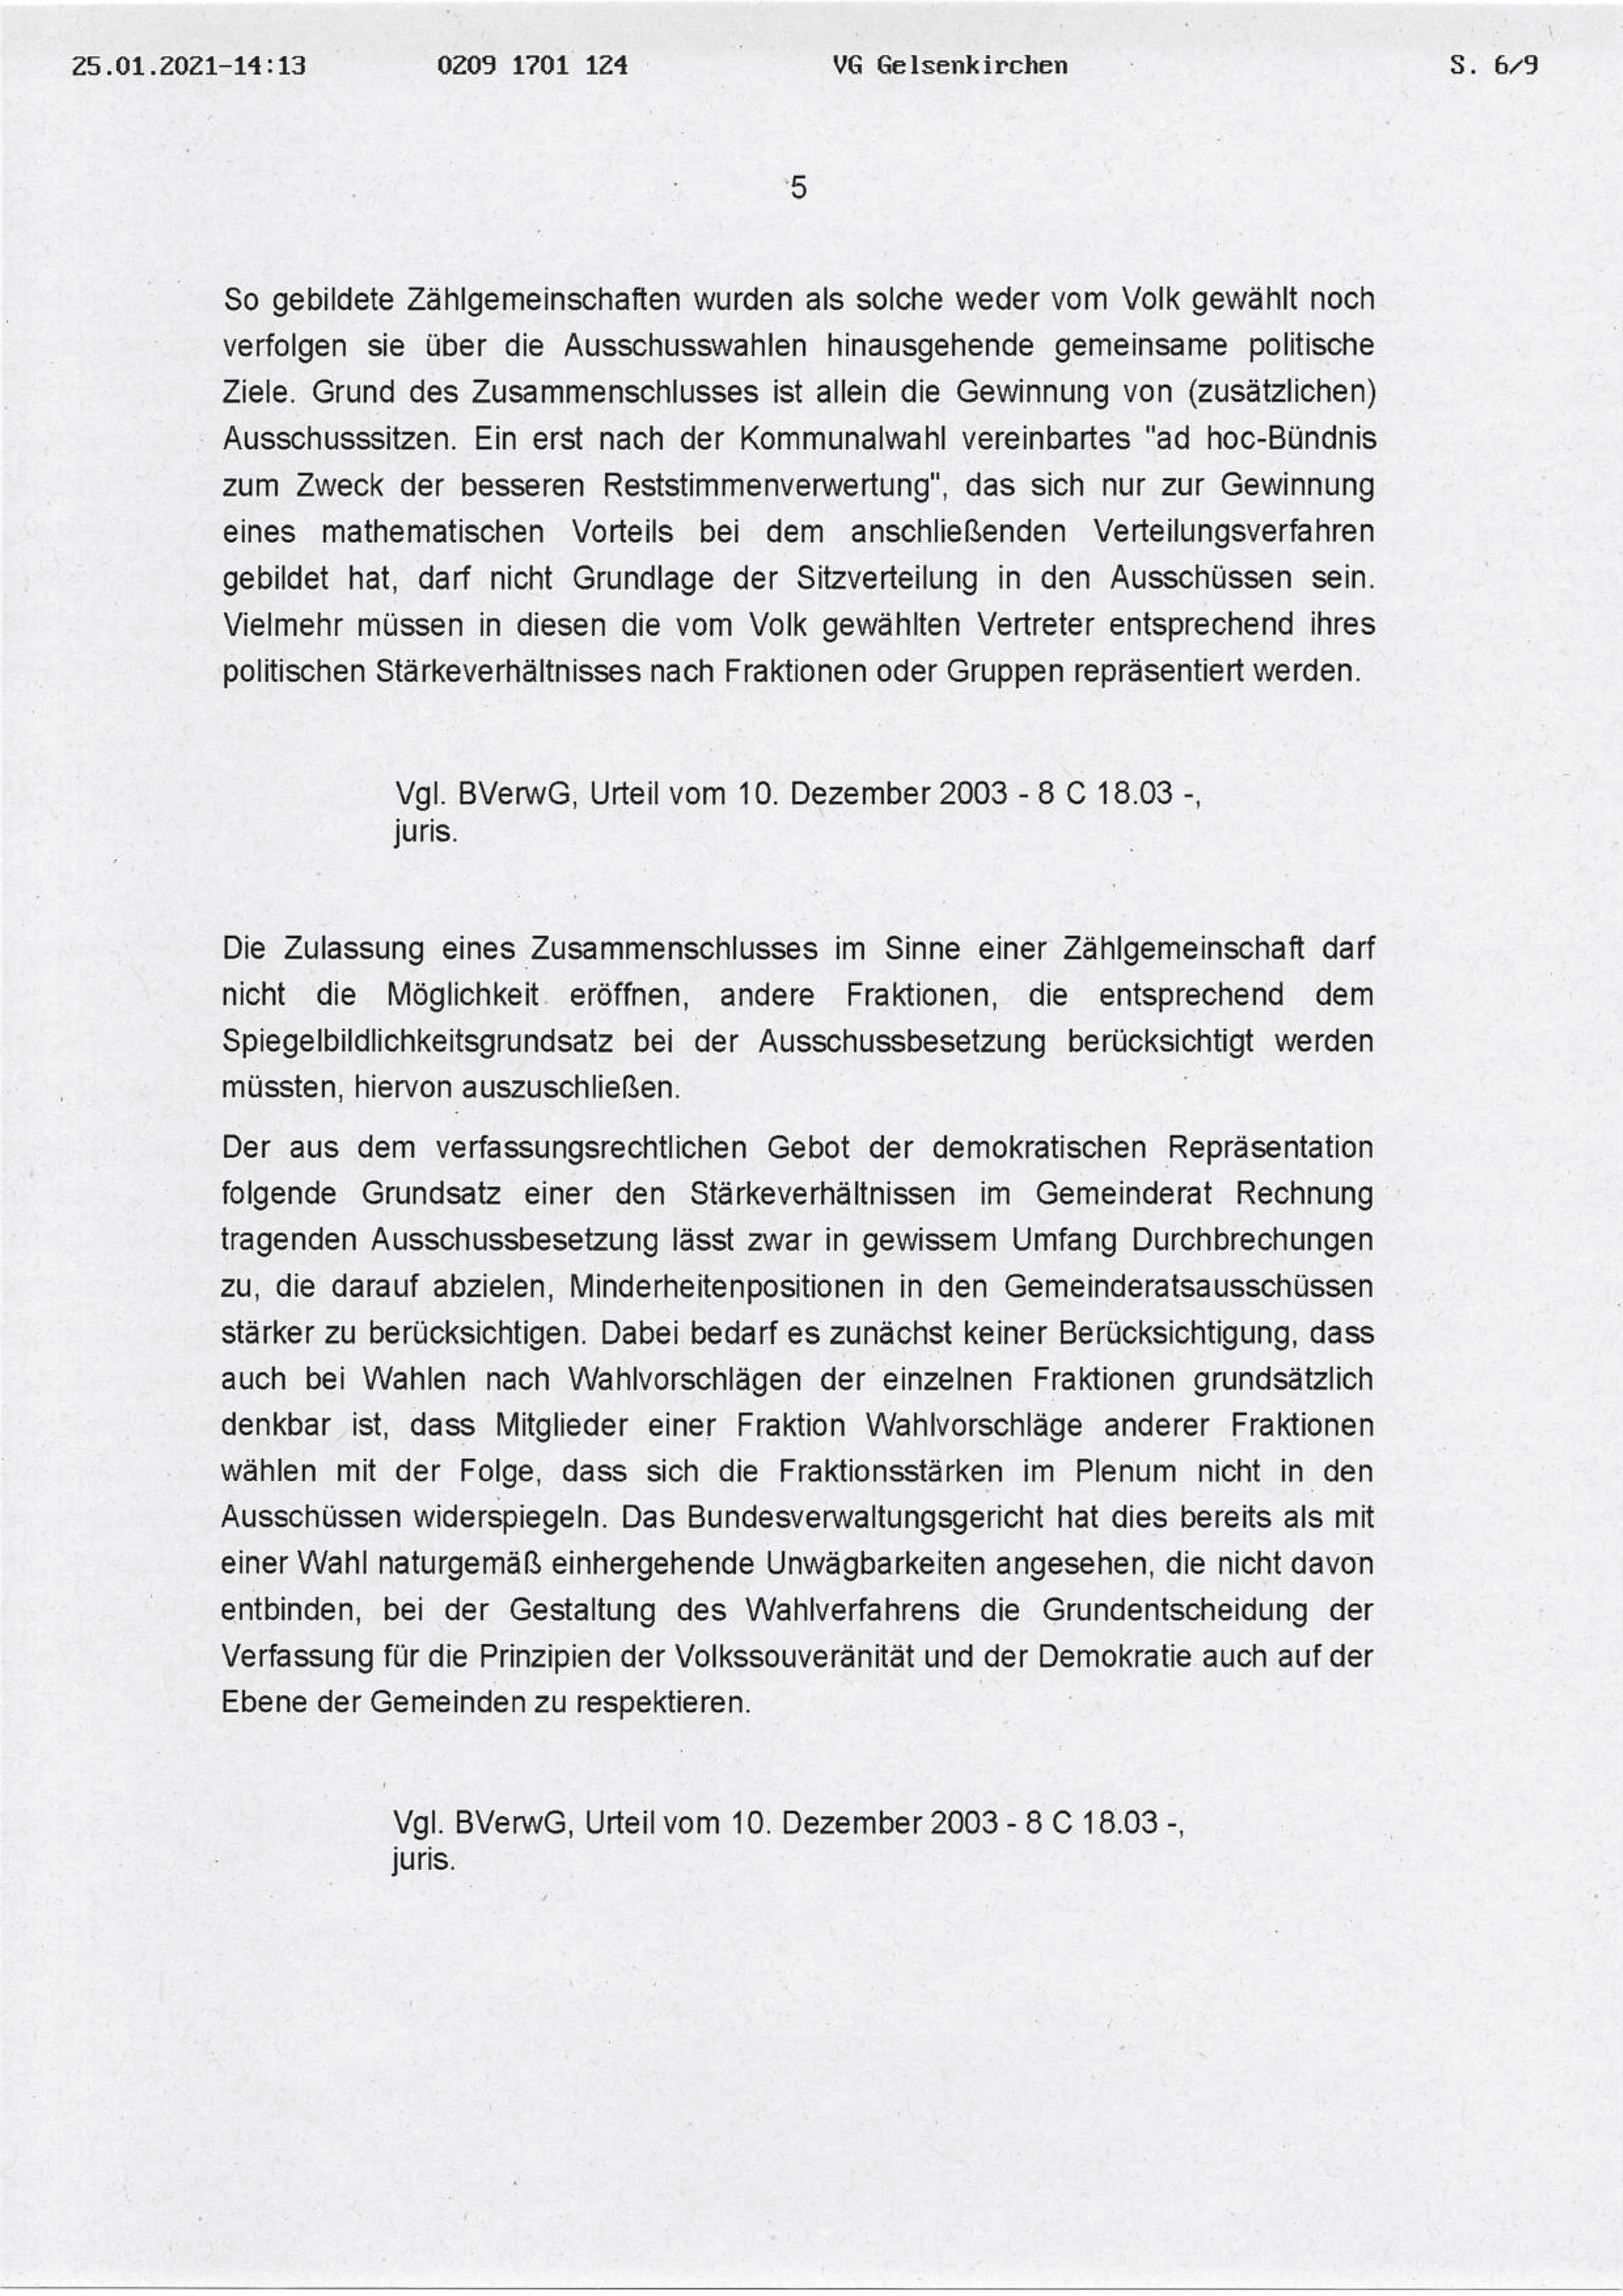 """Beschluss (VG Gelsenkirchen 25.01.2021) in der Sache Fraktion """"Die Partei und Stadtgestalter"""" gegen den Rat der Stadt Bochum, hier: Seite 5/8 (bzw. 6/9)"""